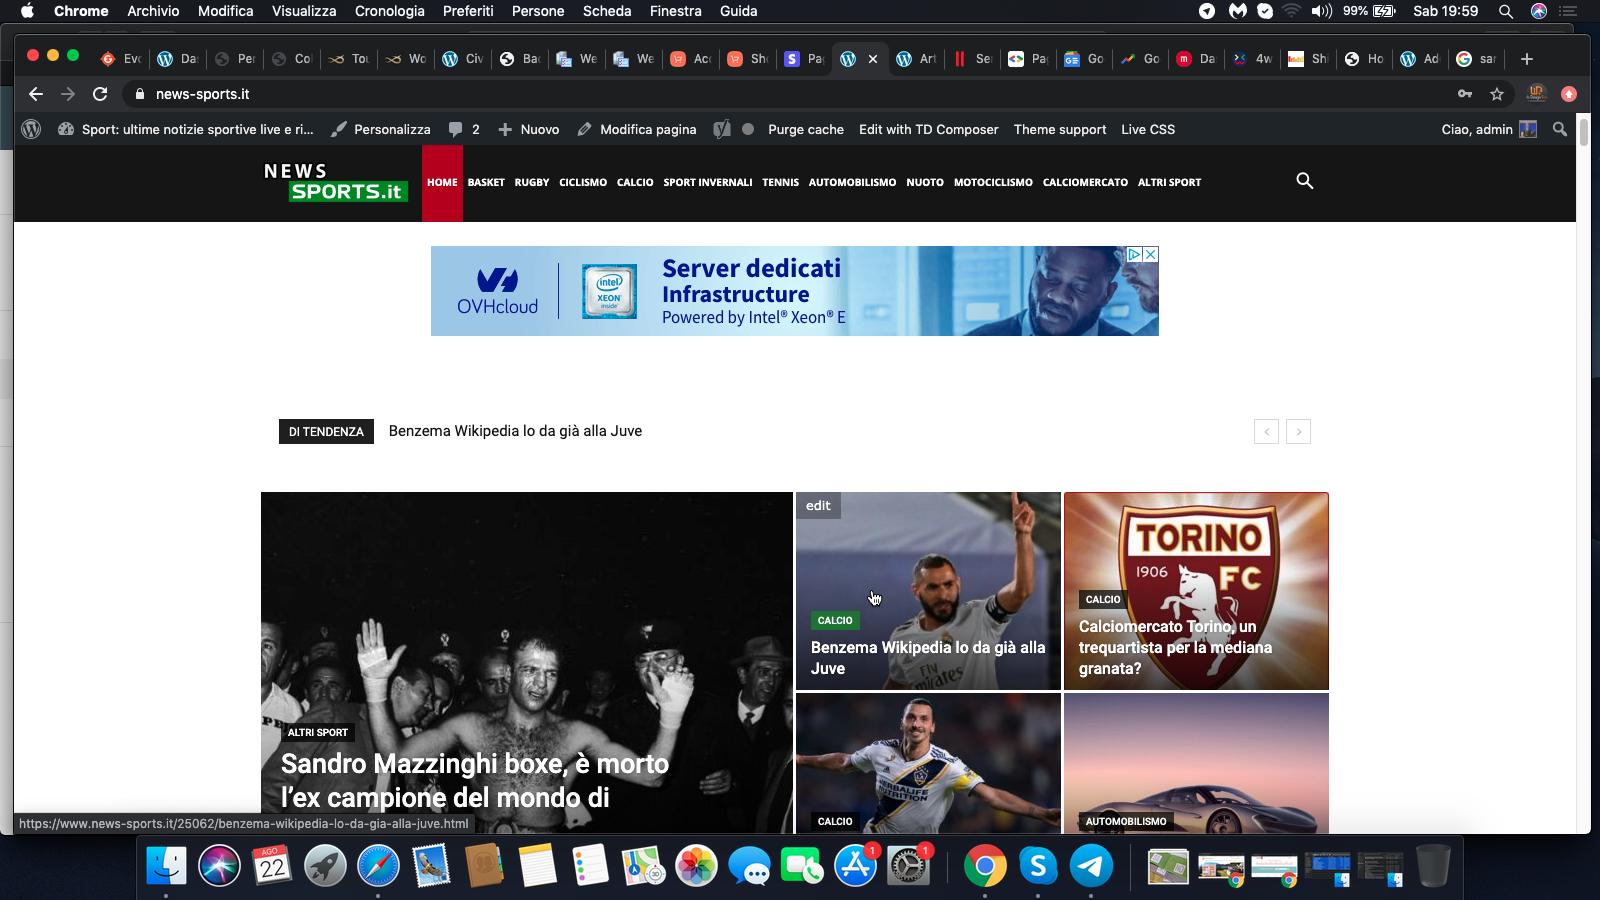 Notizie Sportive: La NEW Group è editrice del Giornale Online News-Sports.it